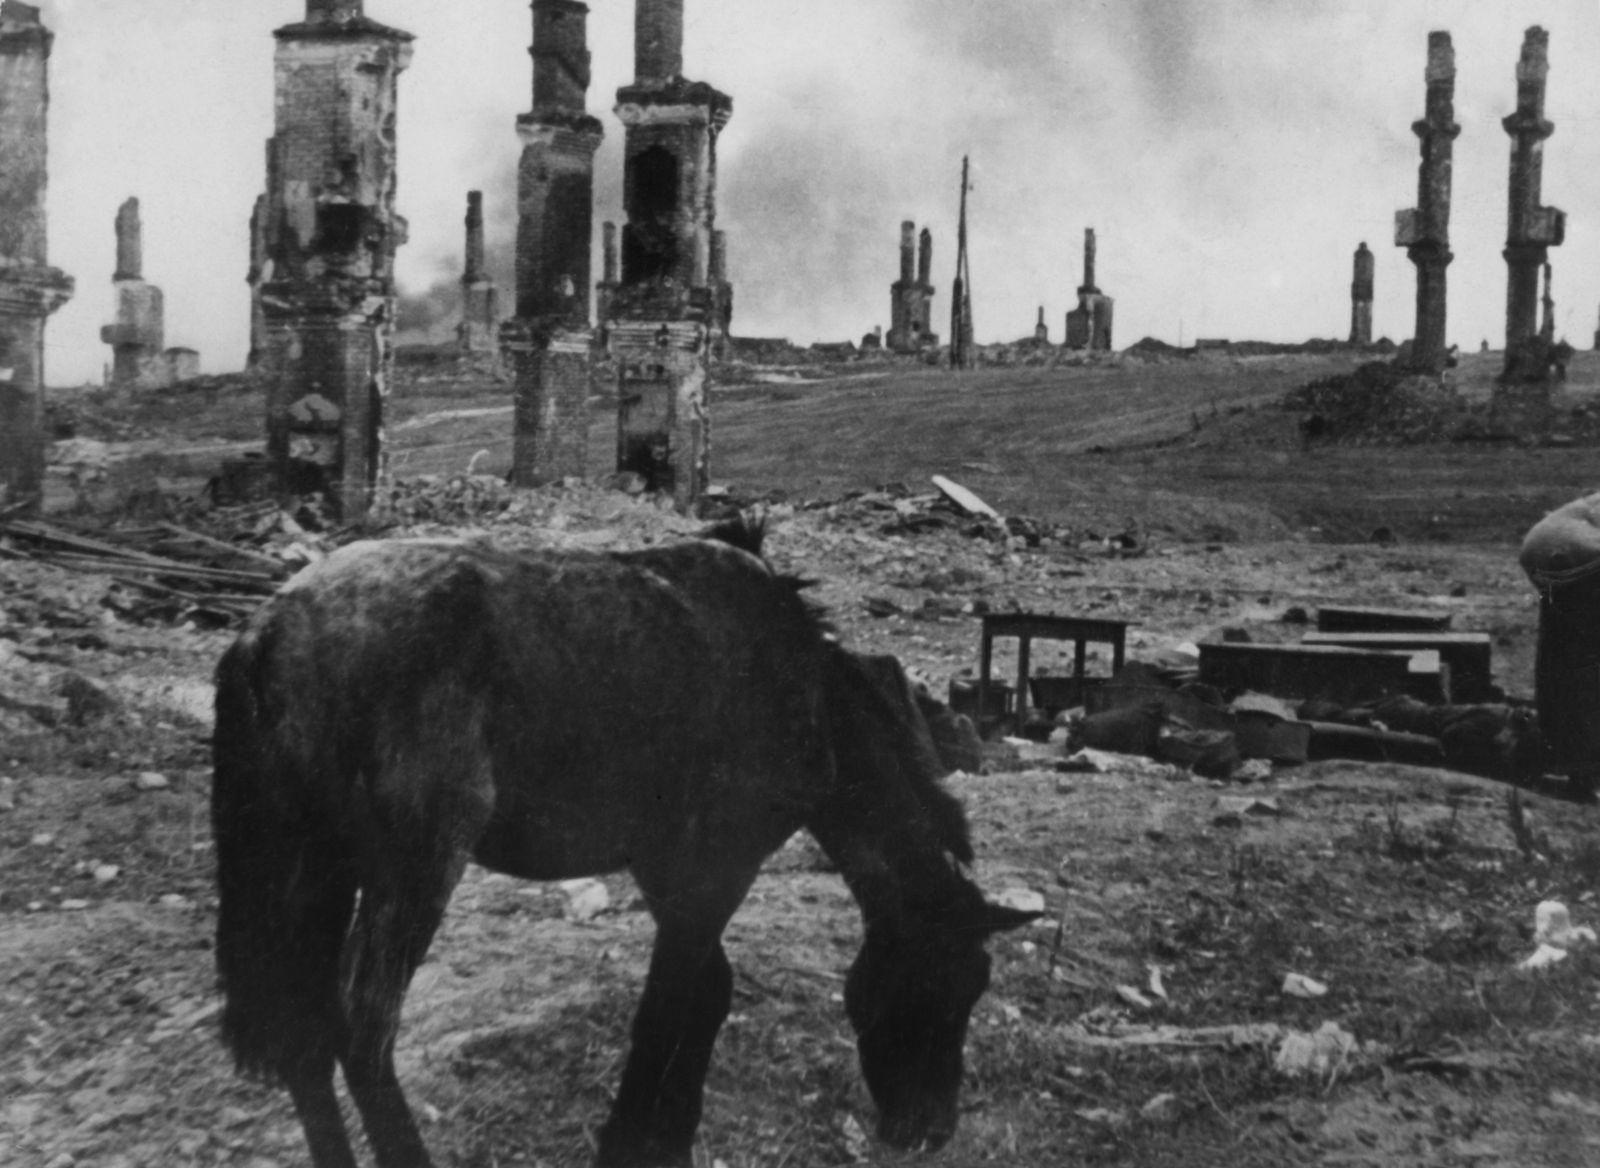 2. Weltkrieg, Sowjetunion, Kriegsschauplatz Stalingrad